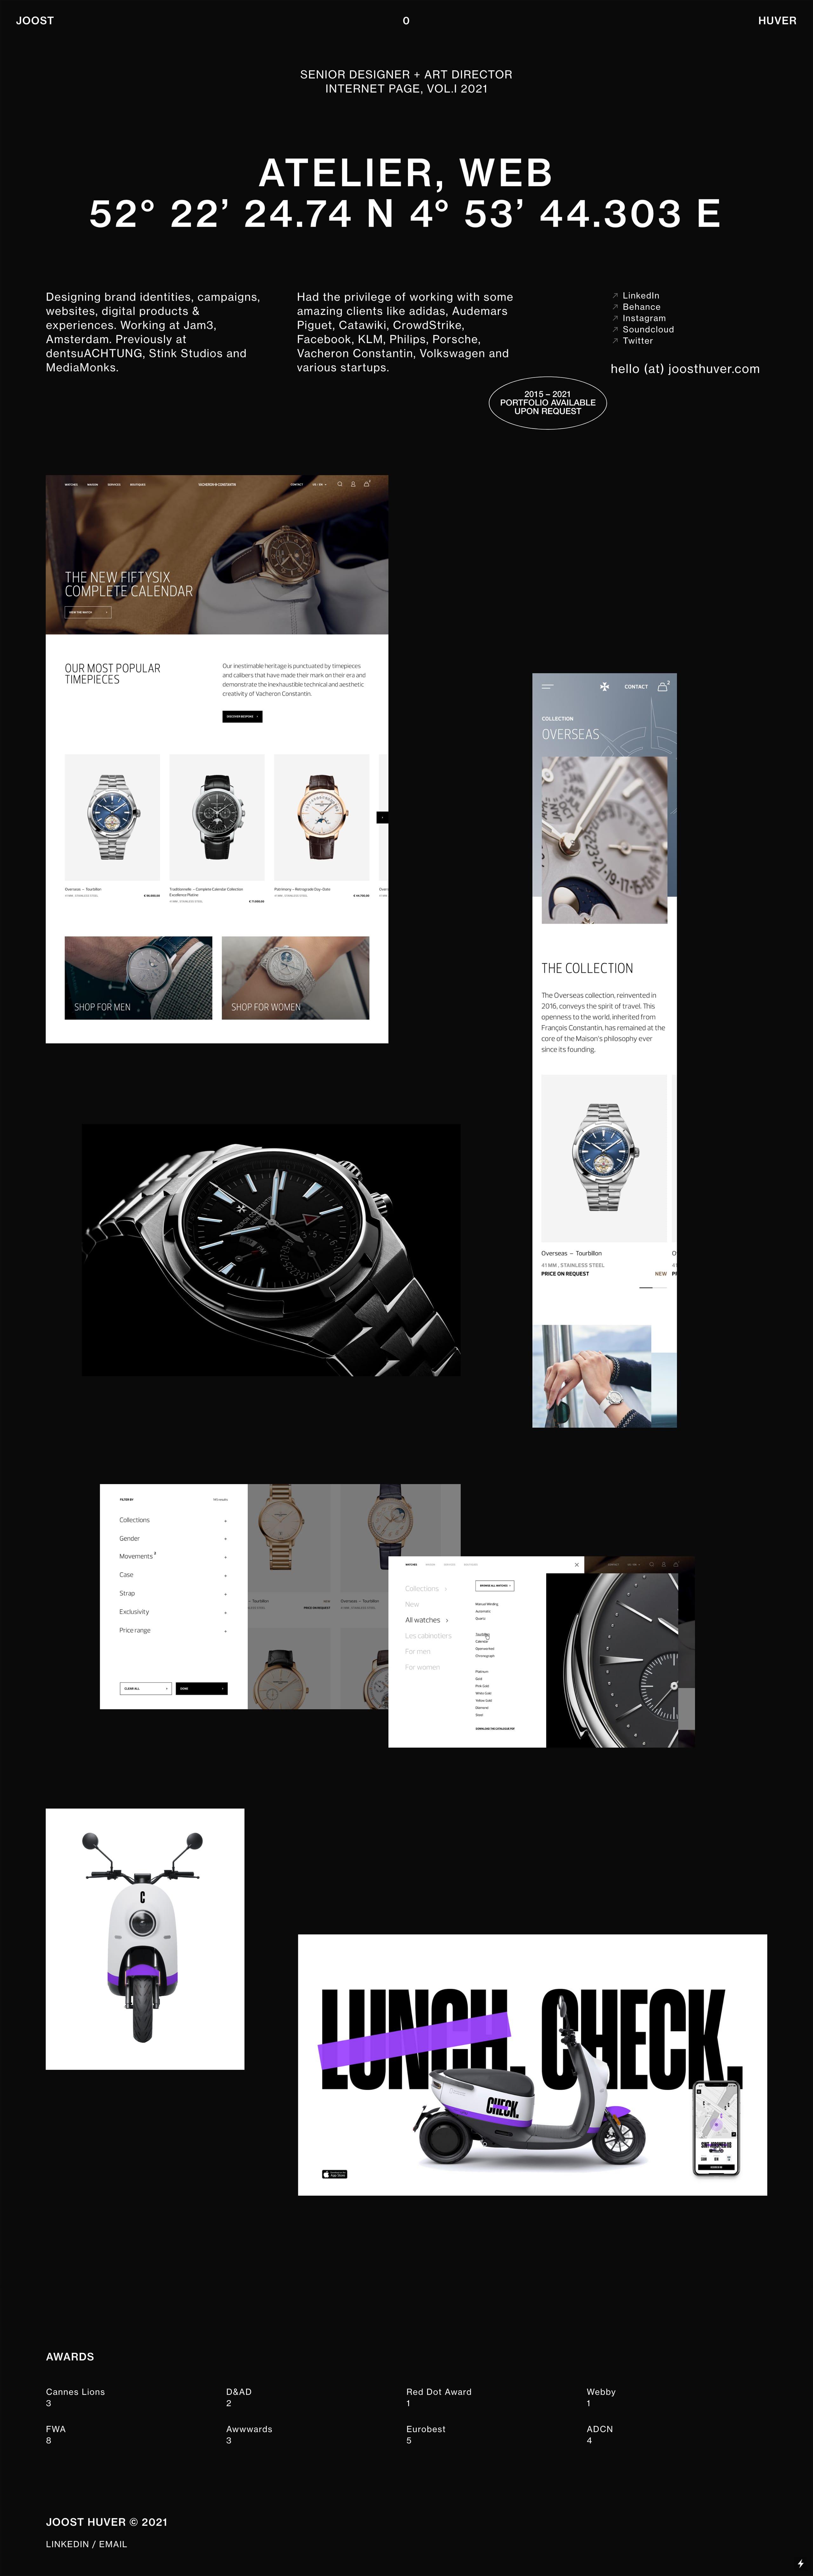 Joost Huver Website Screenshot